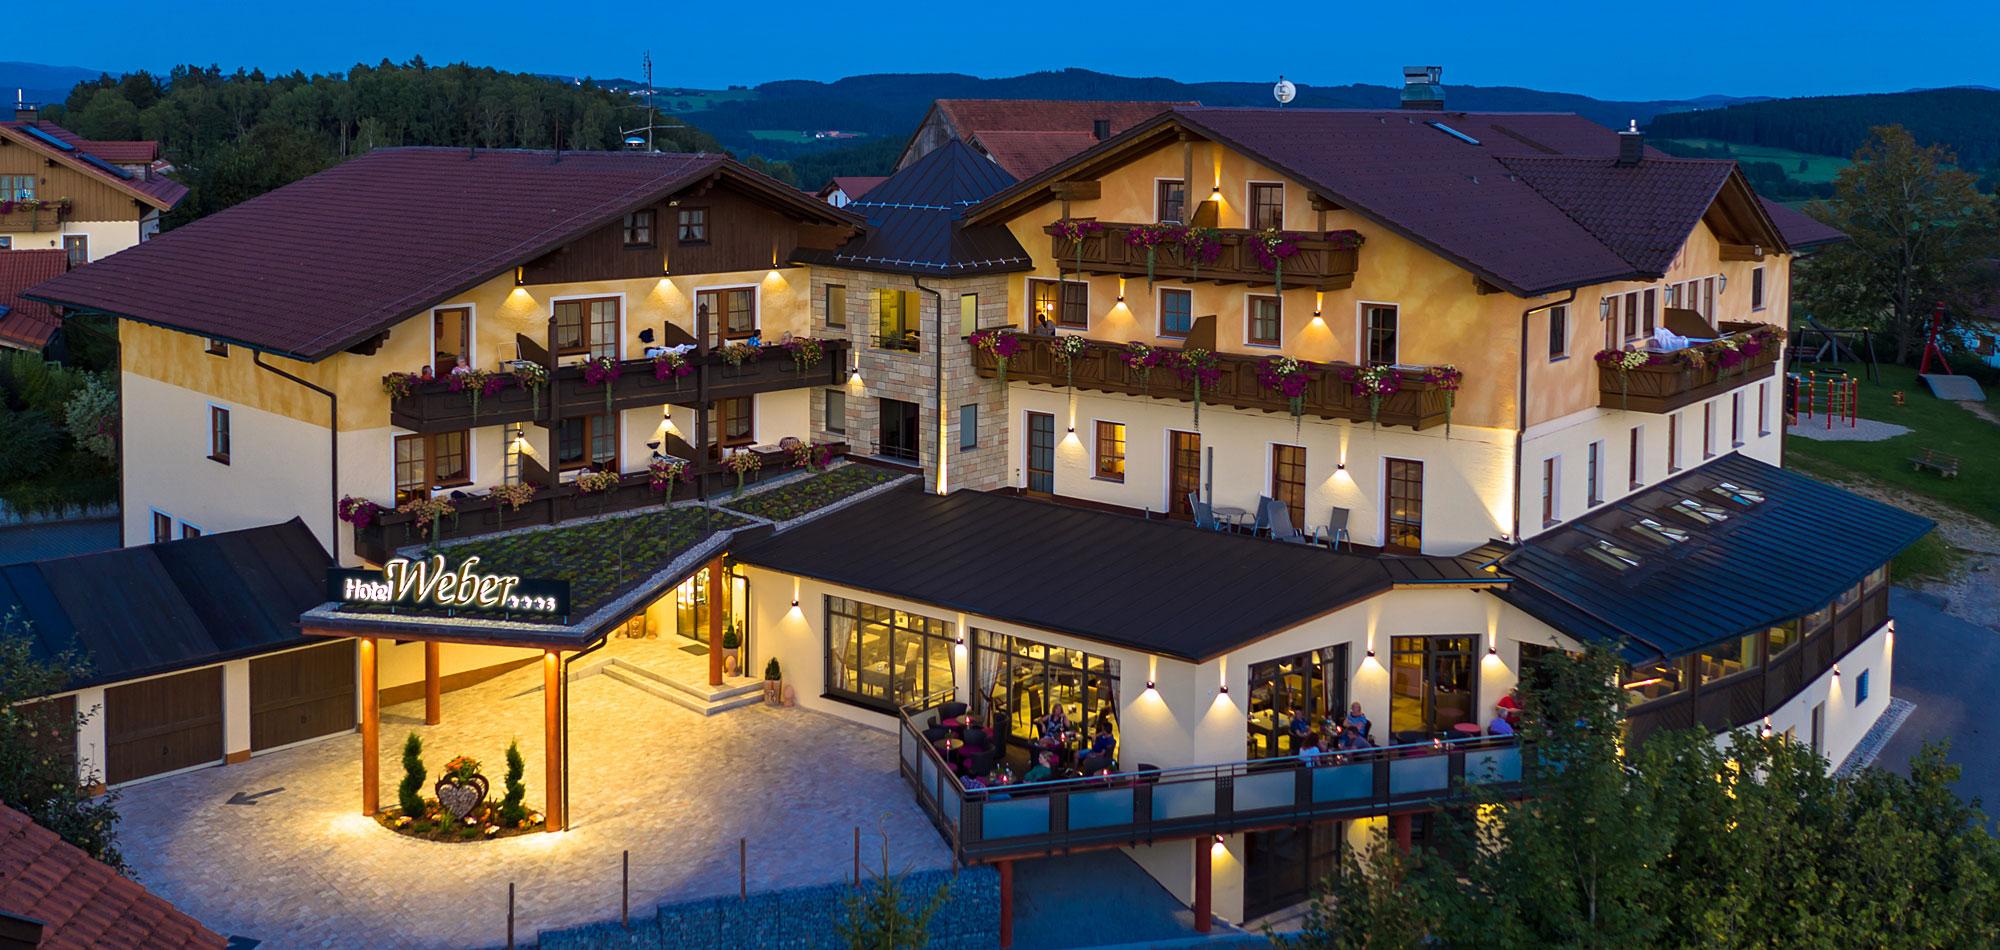 Sterne Hotel Bayerischer Wald